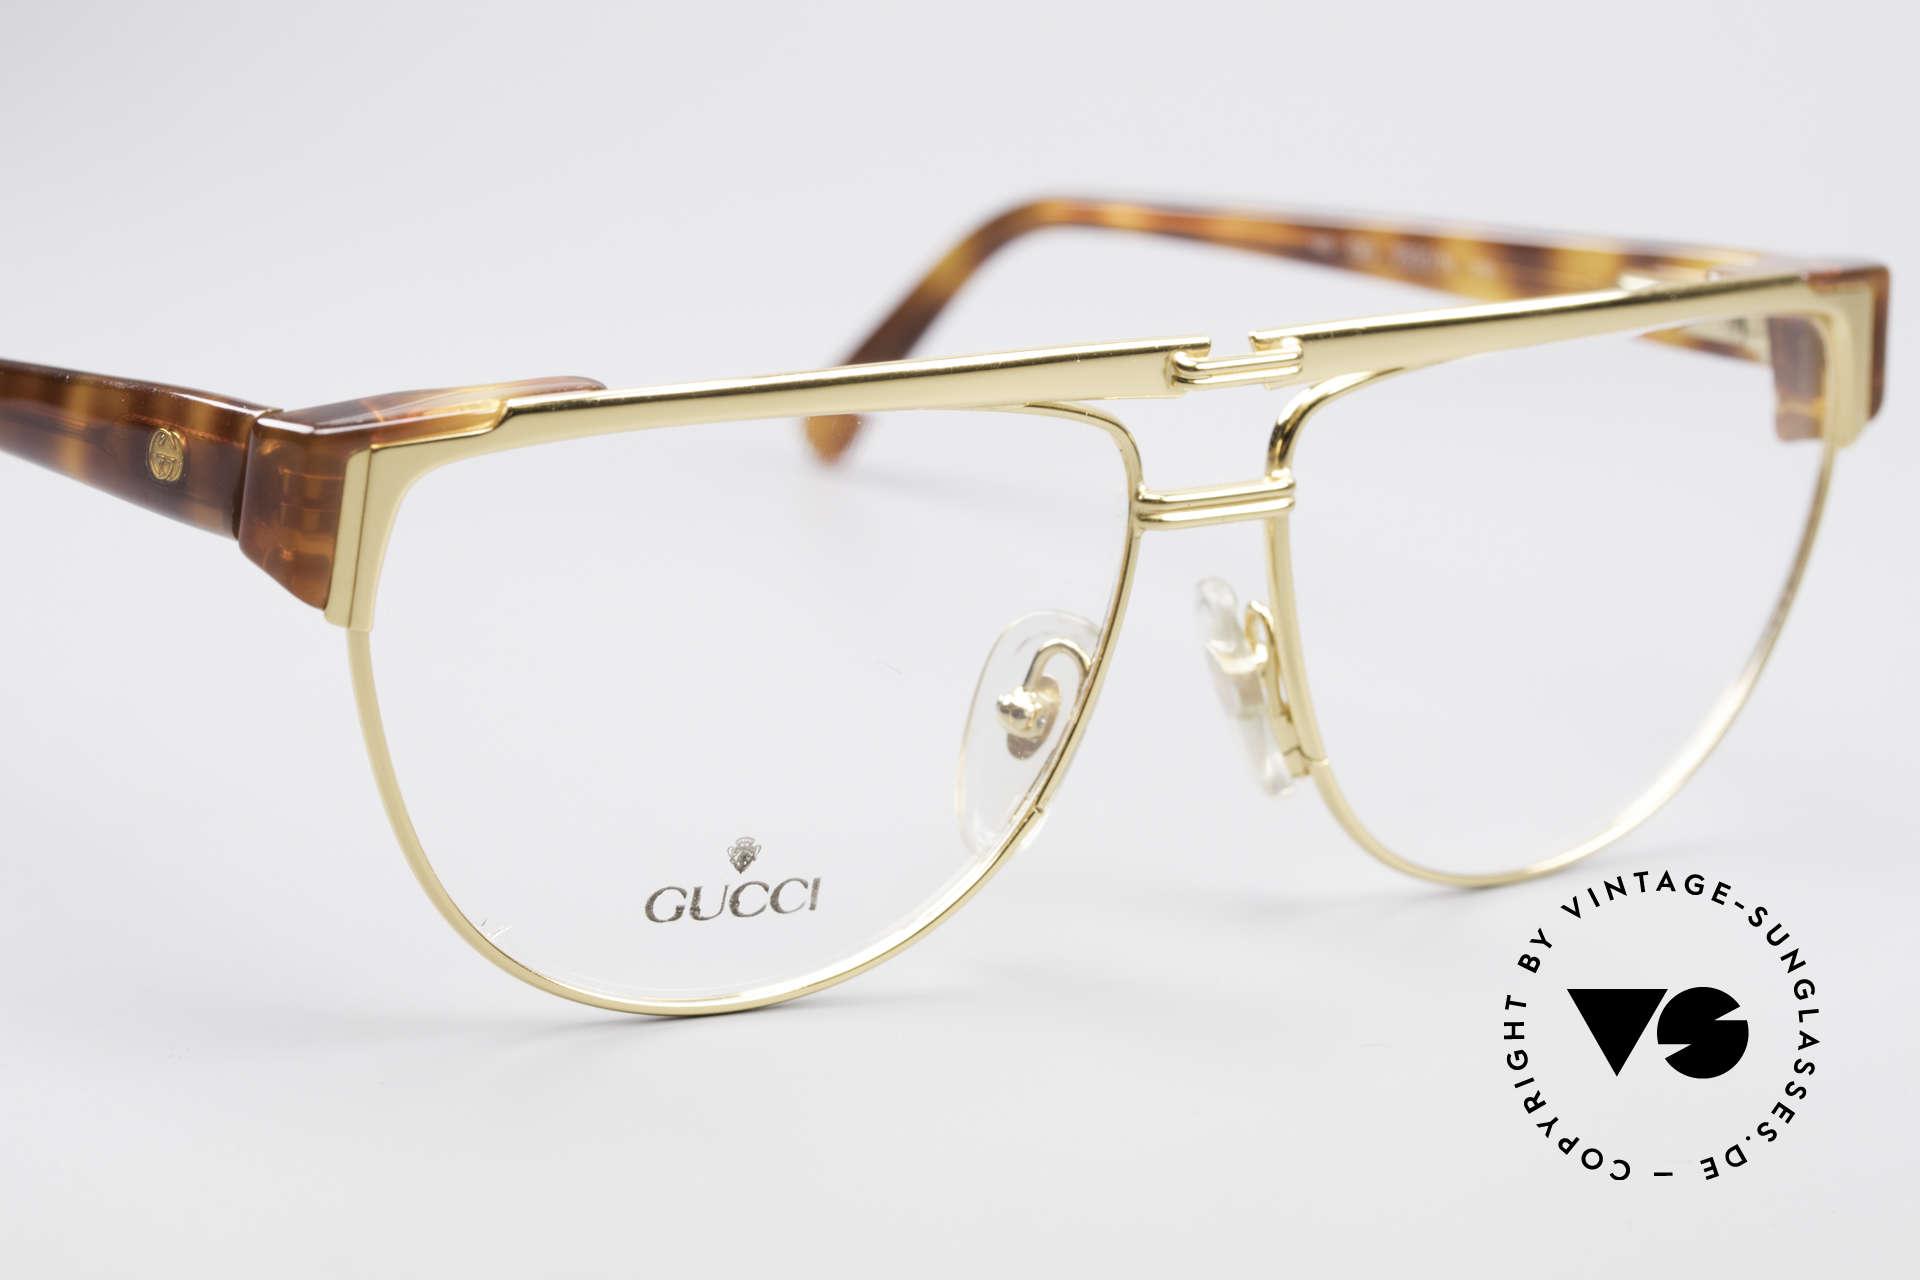 Gucci 2320 Designer Luxusbrille 80er, KEINE RETRObrille, sondern echte 1980er Jahre Ware, Passend für Herren und Damen